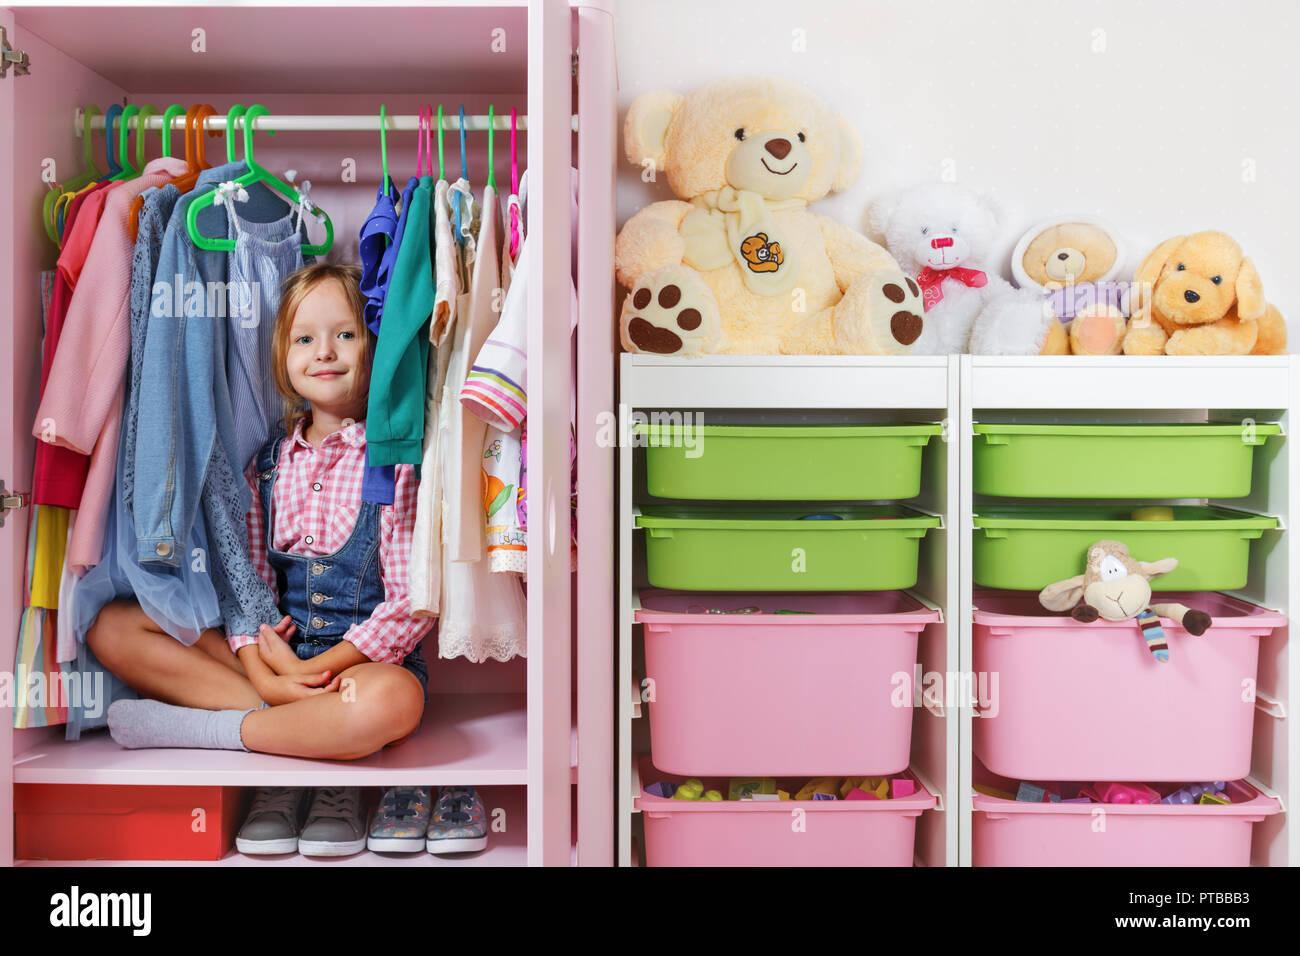 Ein Kleines Kind Madchen Sitzt In Einem Schrank In Einem